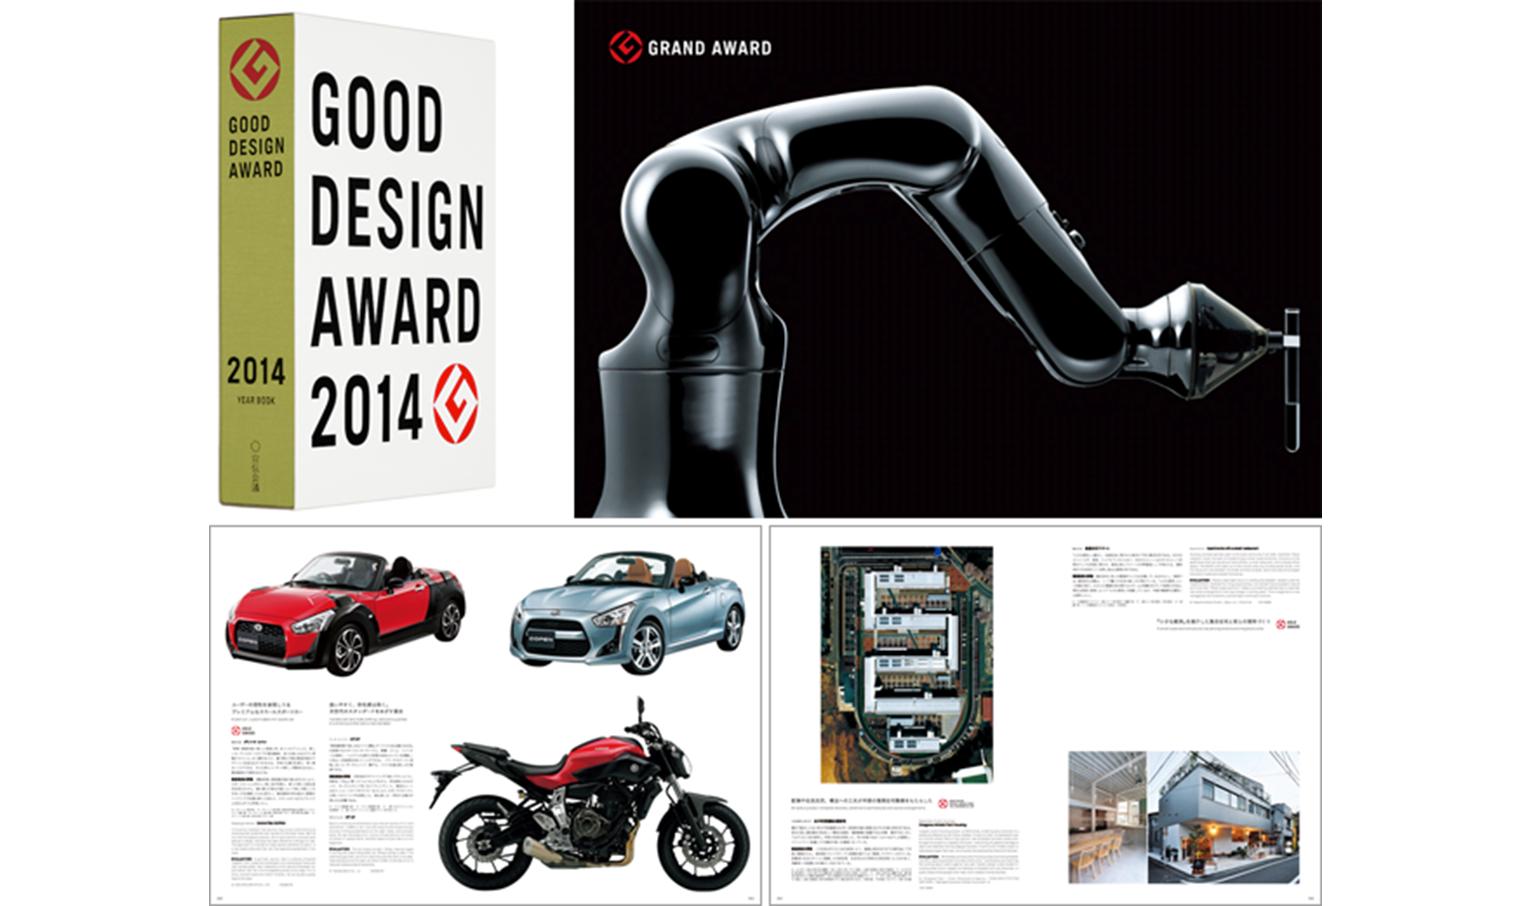 good design award 2014. Black Bedroom Furniture Sets. Home Design Ideas